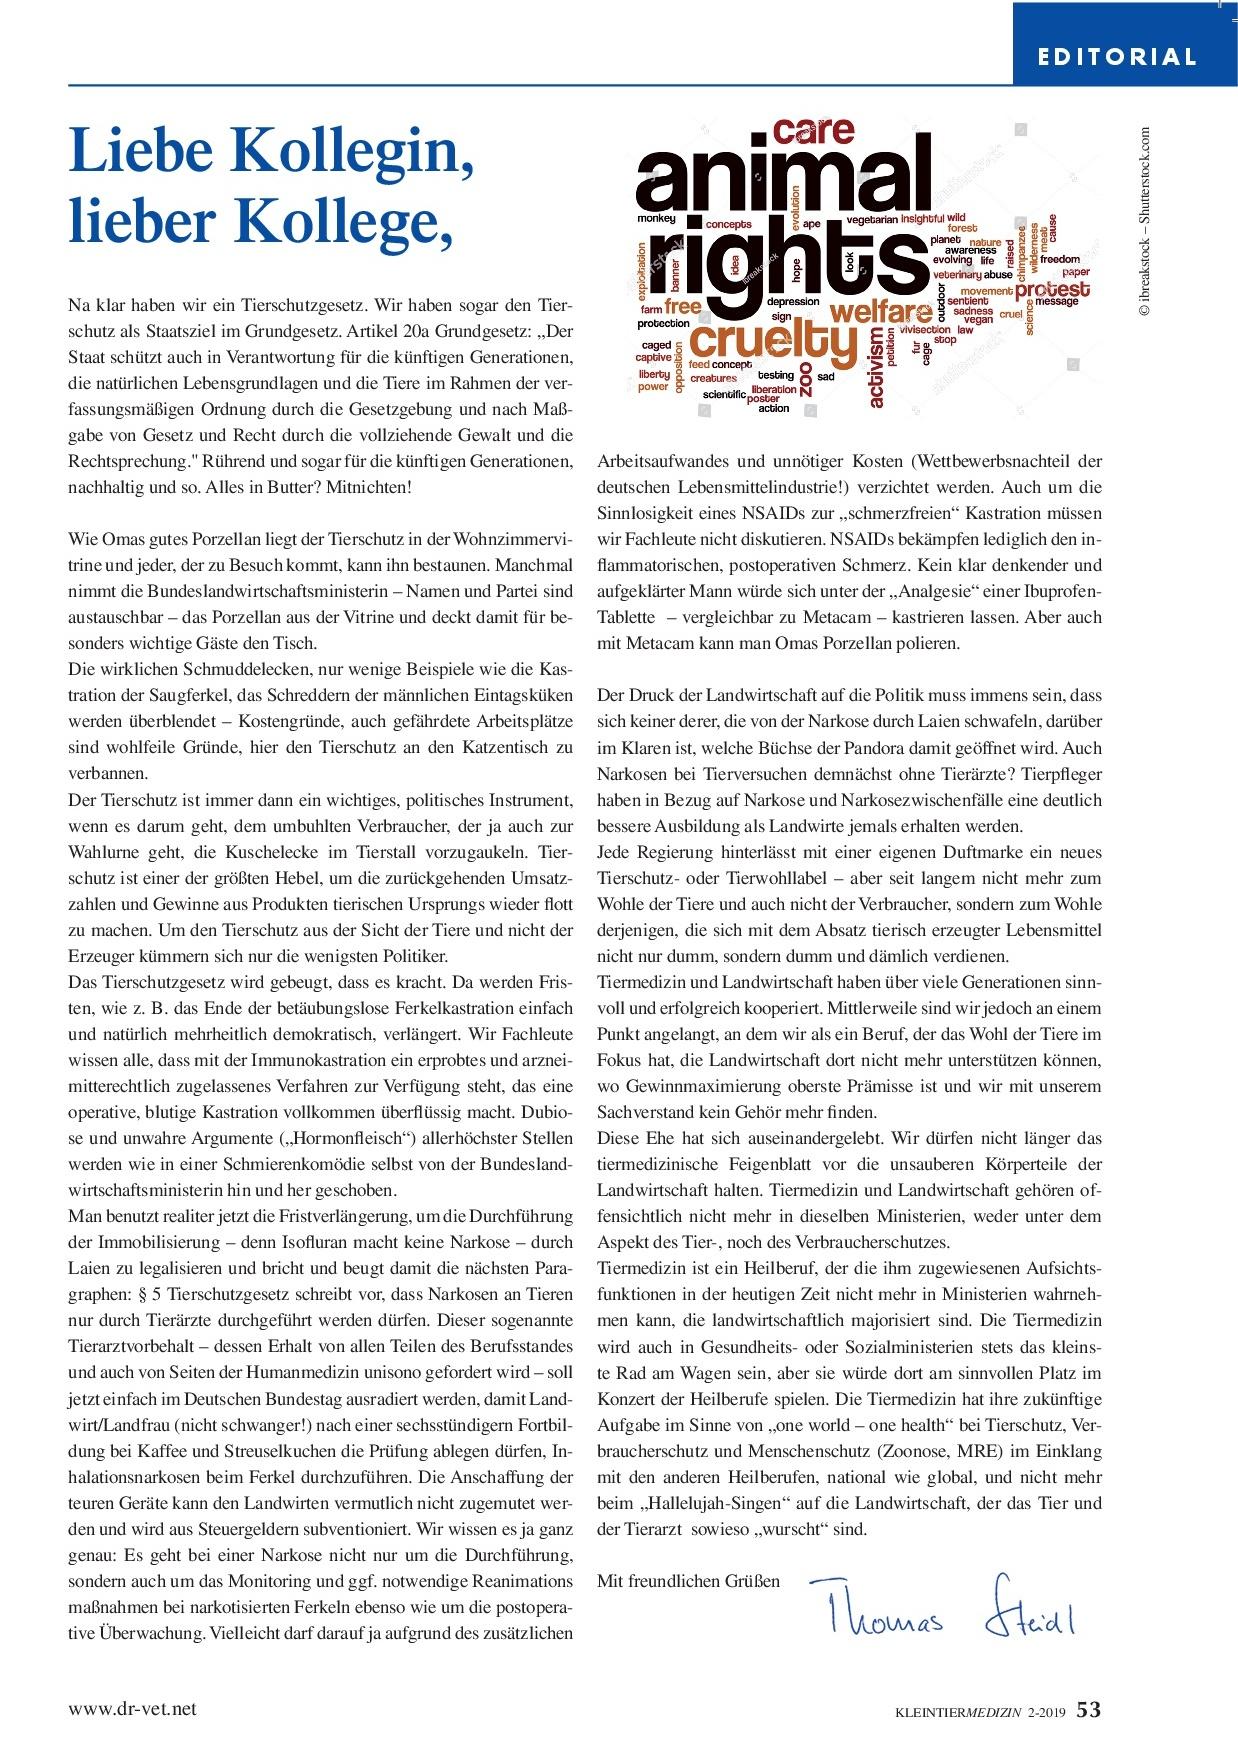 Editorial aus Kleintiermedizin 02/19